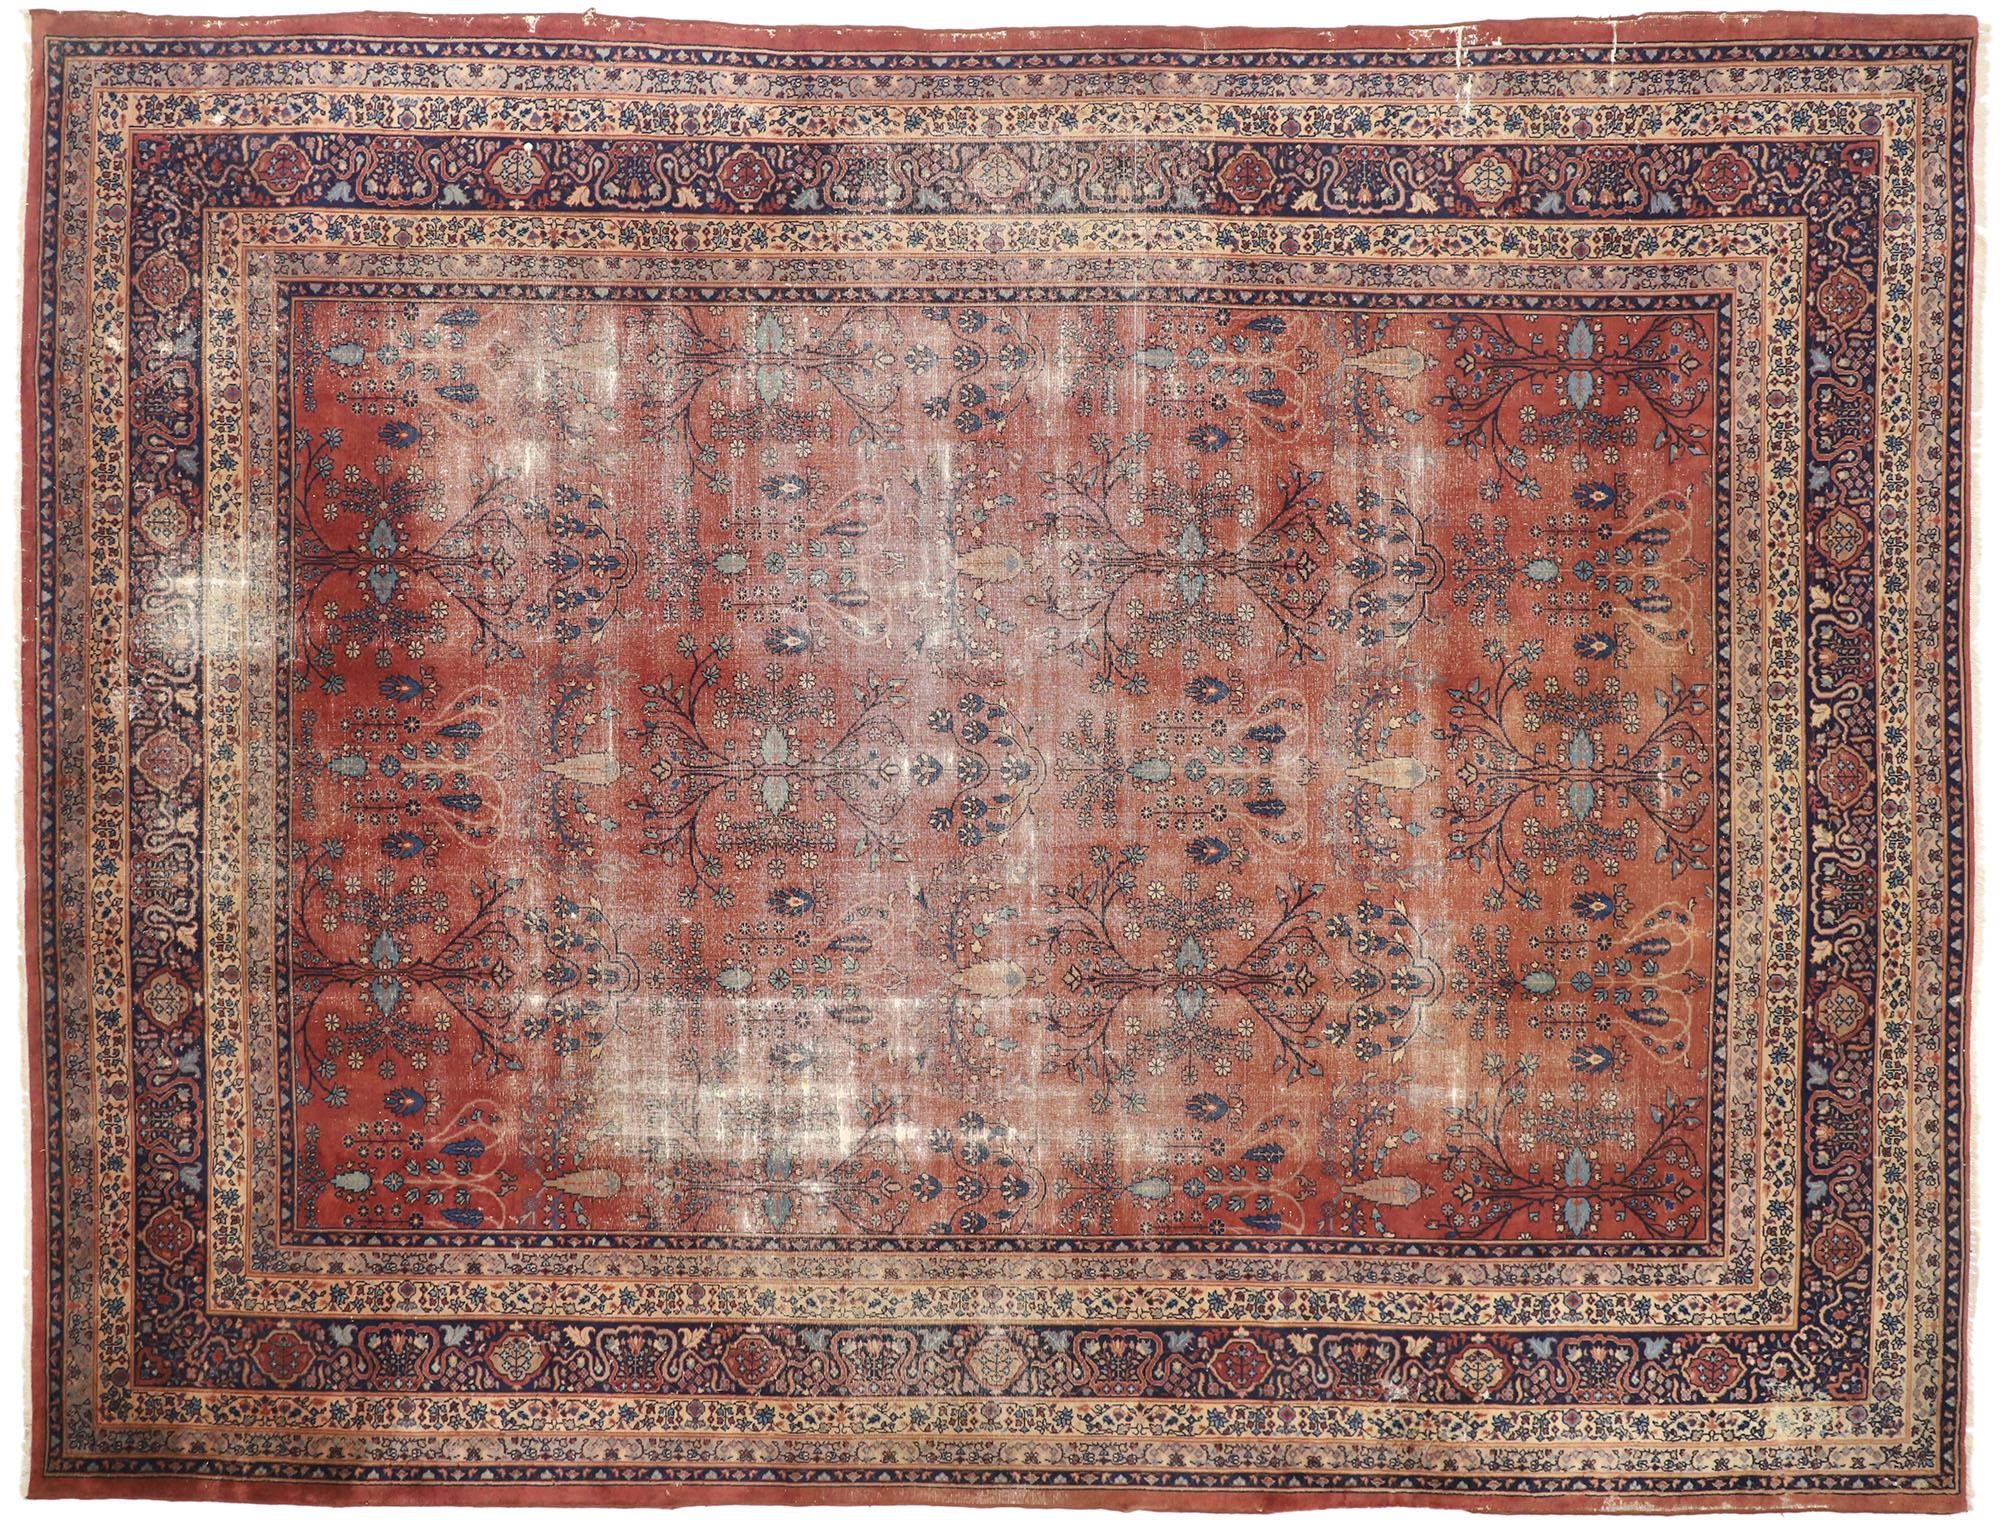 12 X 16 Antique Turkish Sparta Rug 77388